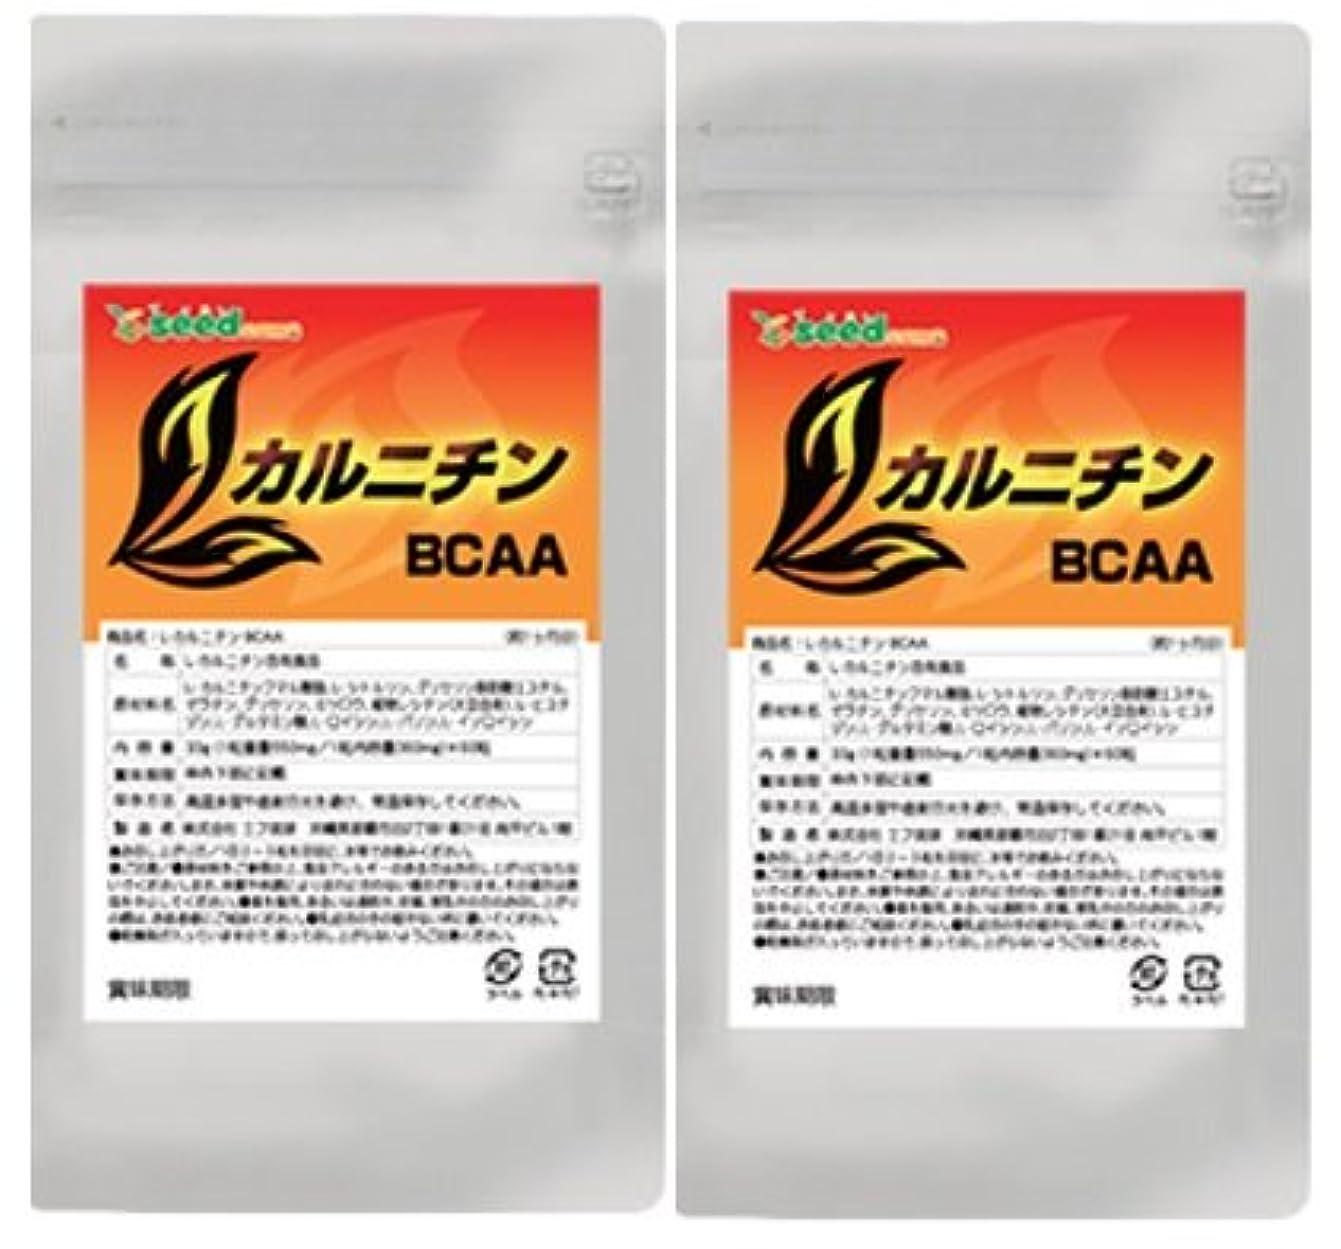 食事を調理する人形評議会L-カルニチン BCAA (必須アミノ酸のバリン、ロイシン、イソロイシン(BCAA)も配合) (約6ケ月分)